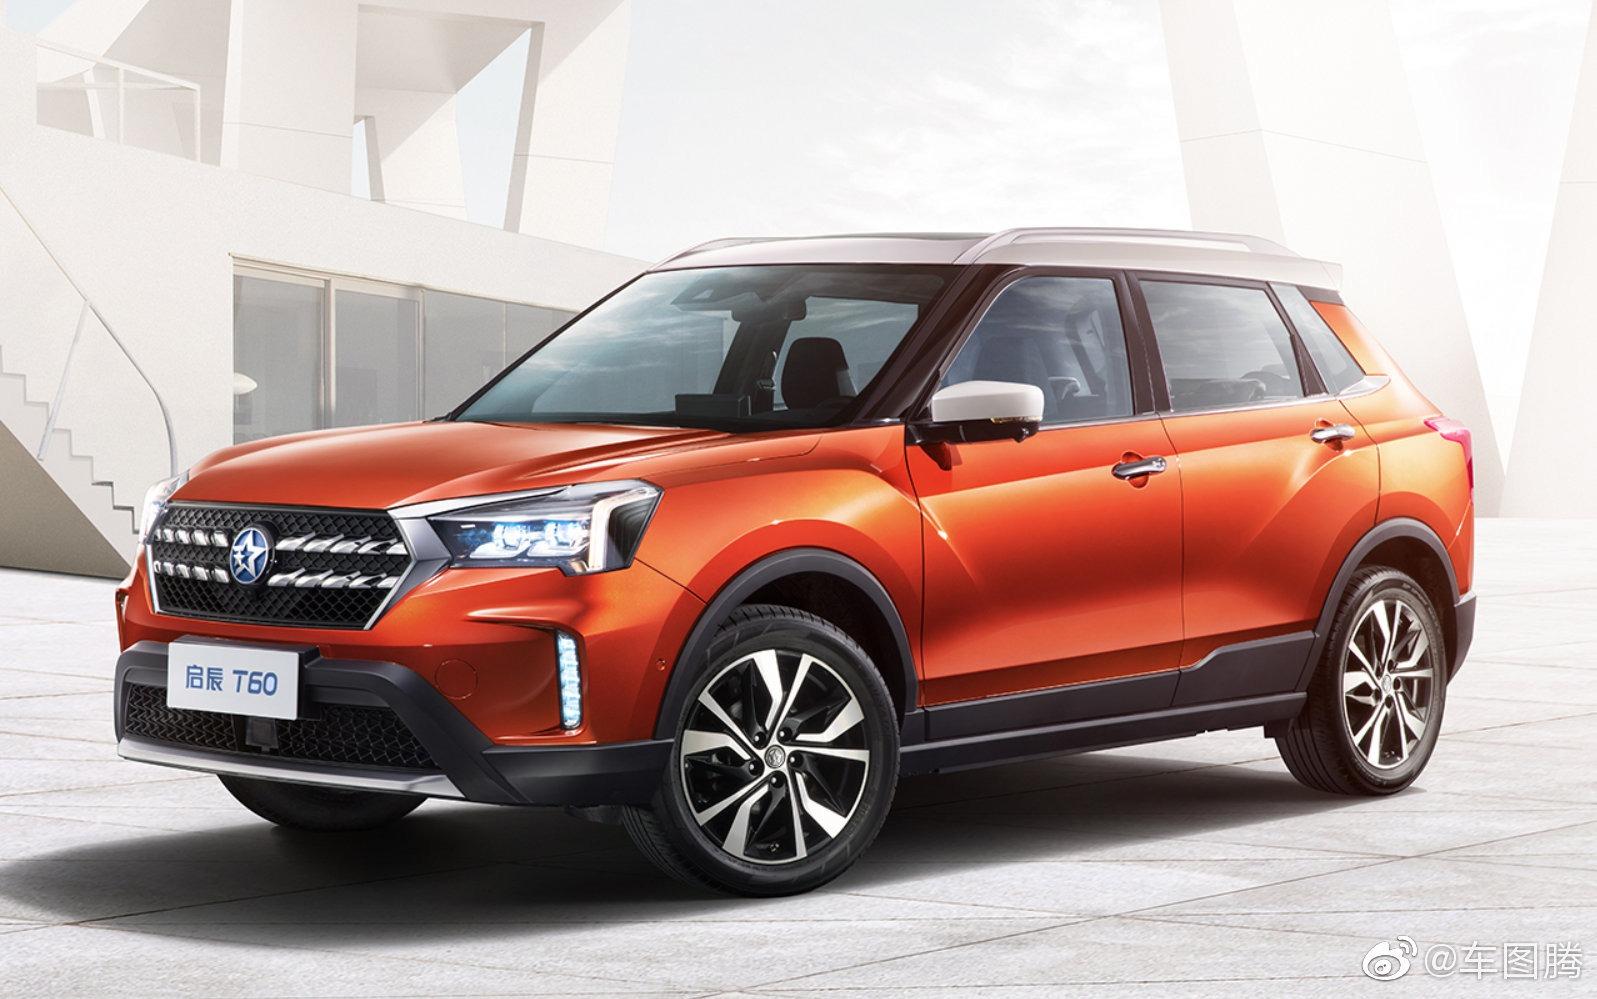 日前,东风启辰旗下小型SUV——2020款启辰T60正式上市,新车共推出6款车型,其售价区间为8.